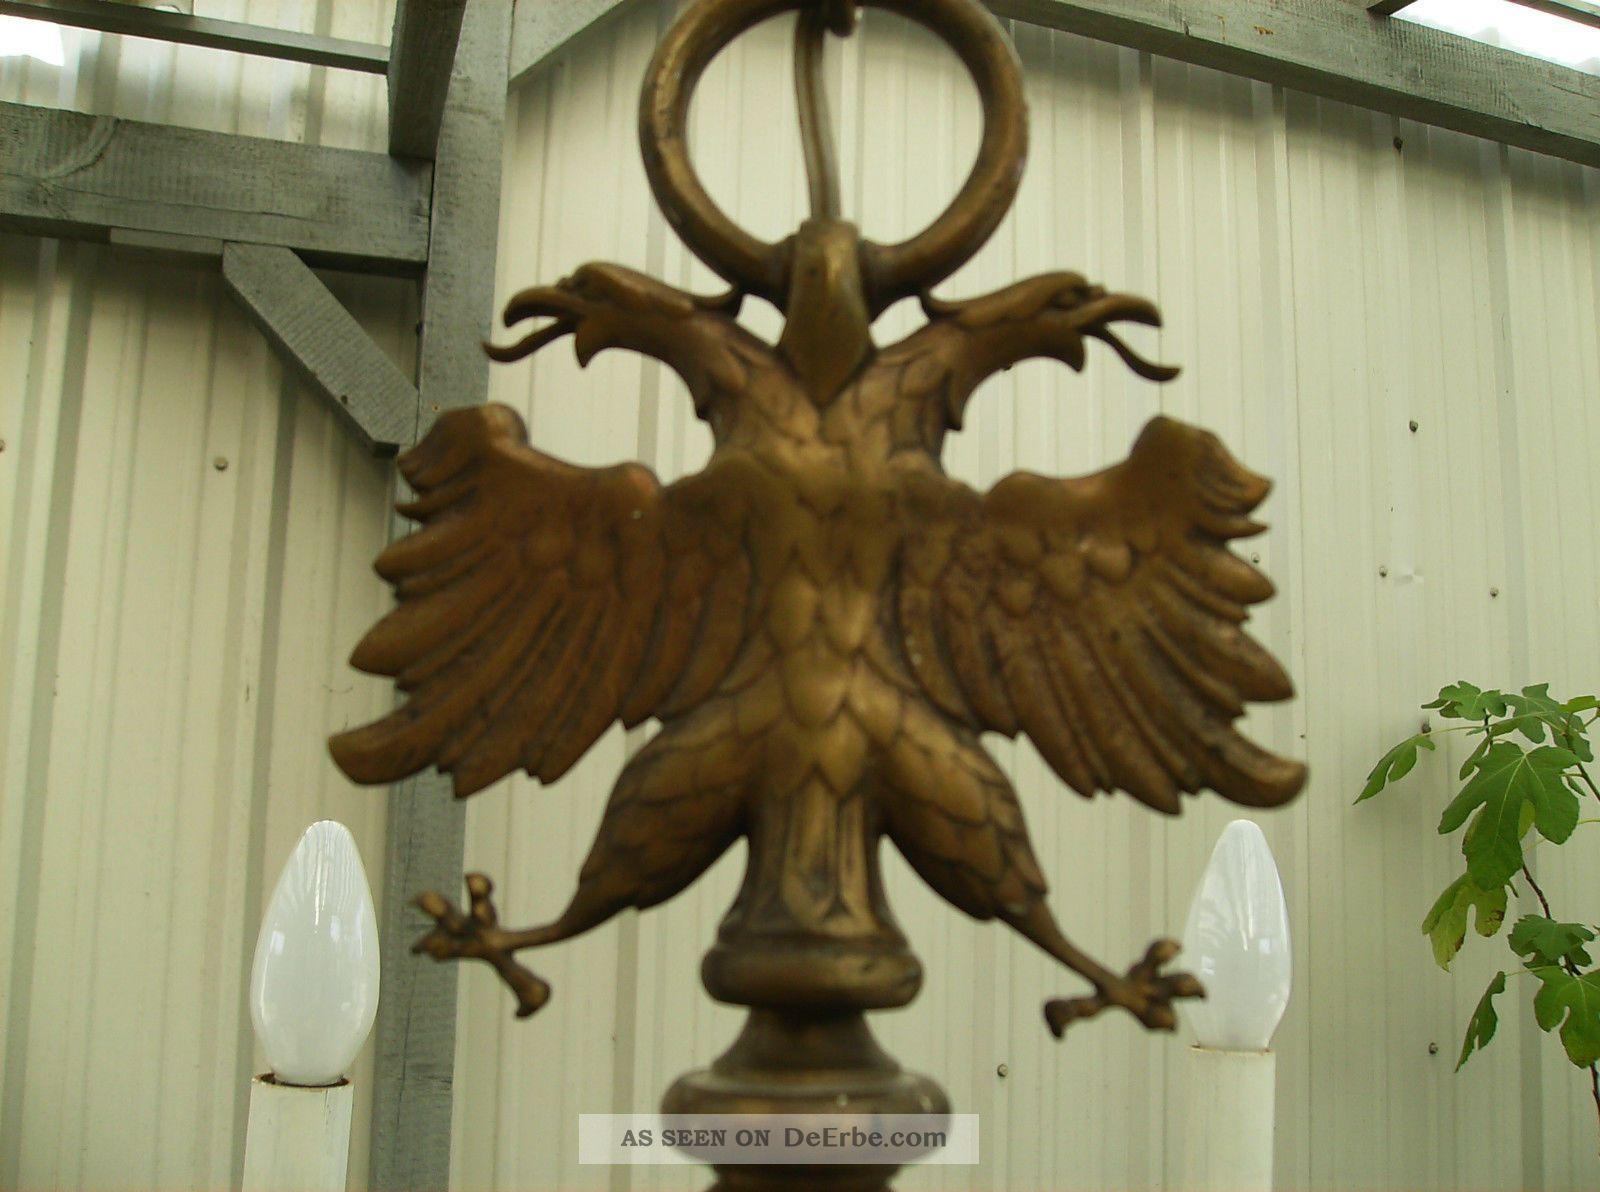 alter kronleuchter mit adler altmessing gebrstet 6 arme 6 flammig - Kronleuchter Mit Adler